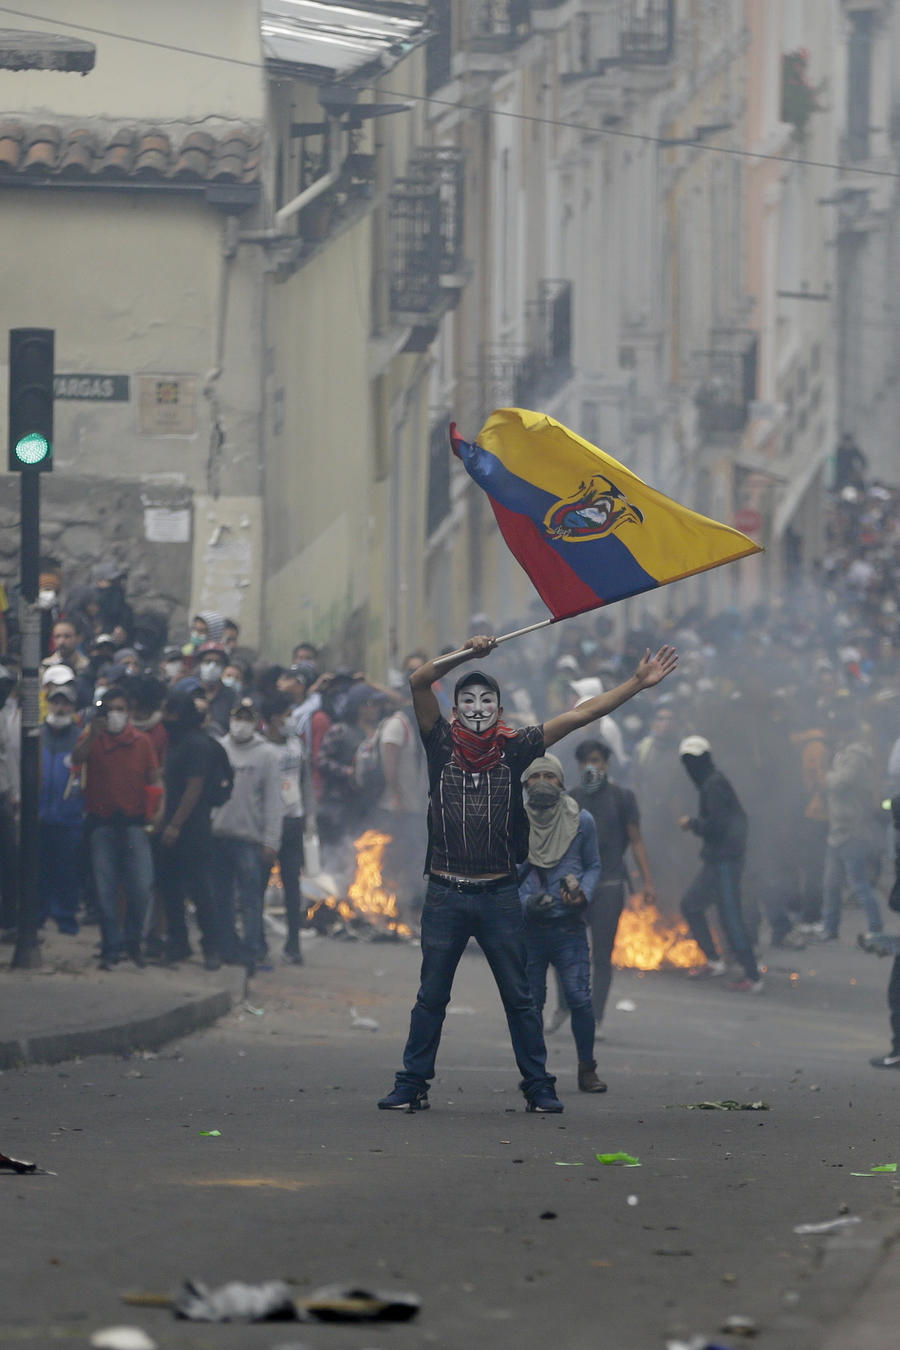 Manifestantes y policías vuelven a crear un campo de batalla durante un enfrentamiento en huelga general contra el presidente Lenín Moreno